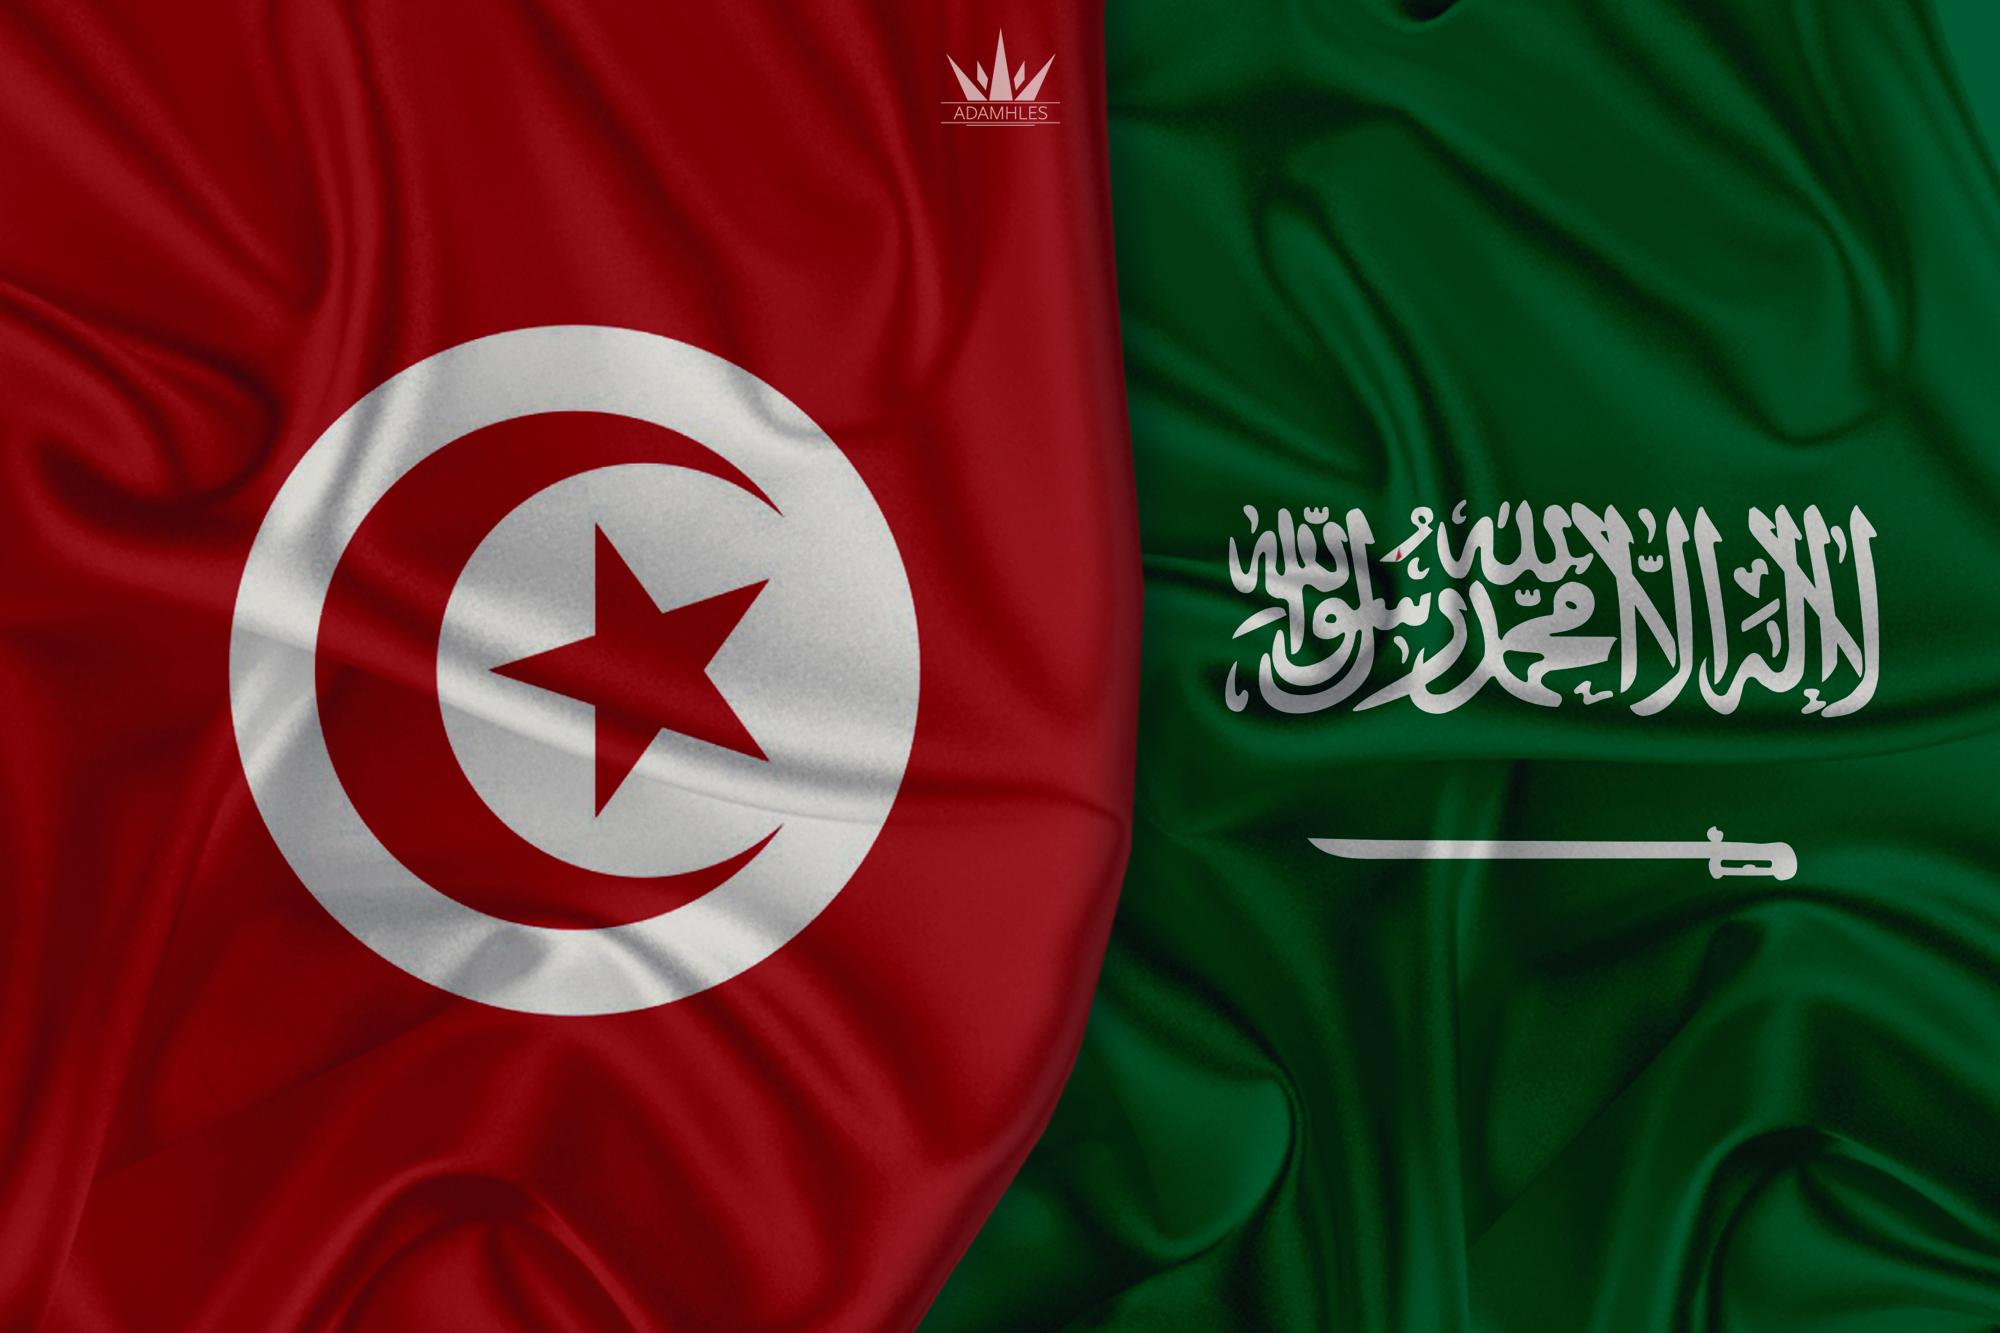 خلفية علم السعودية وتونس اجمل خلفيات العلم السعودي والعلم التونسي Tunisia and Saudi Arabia